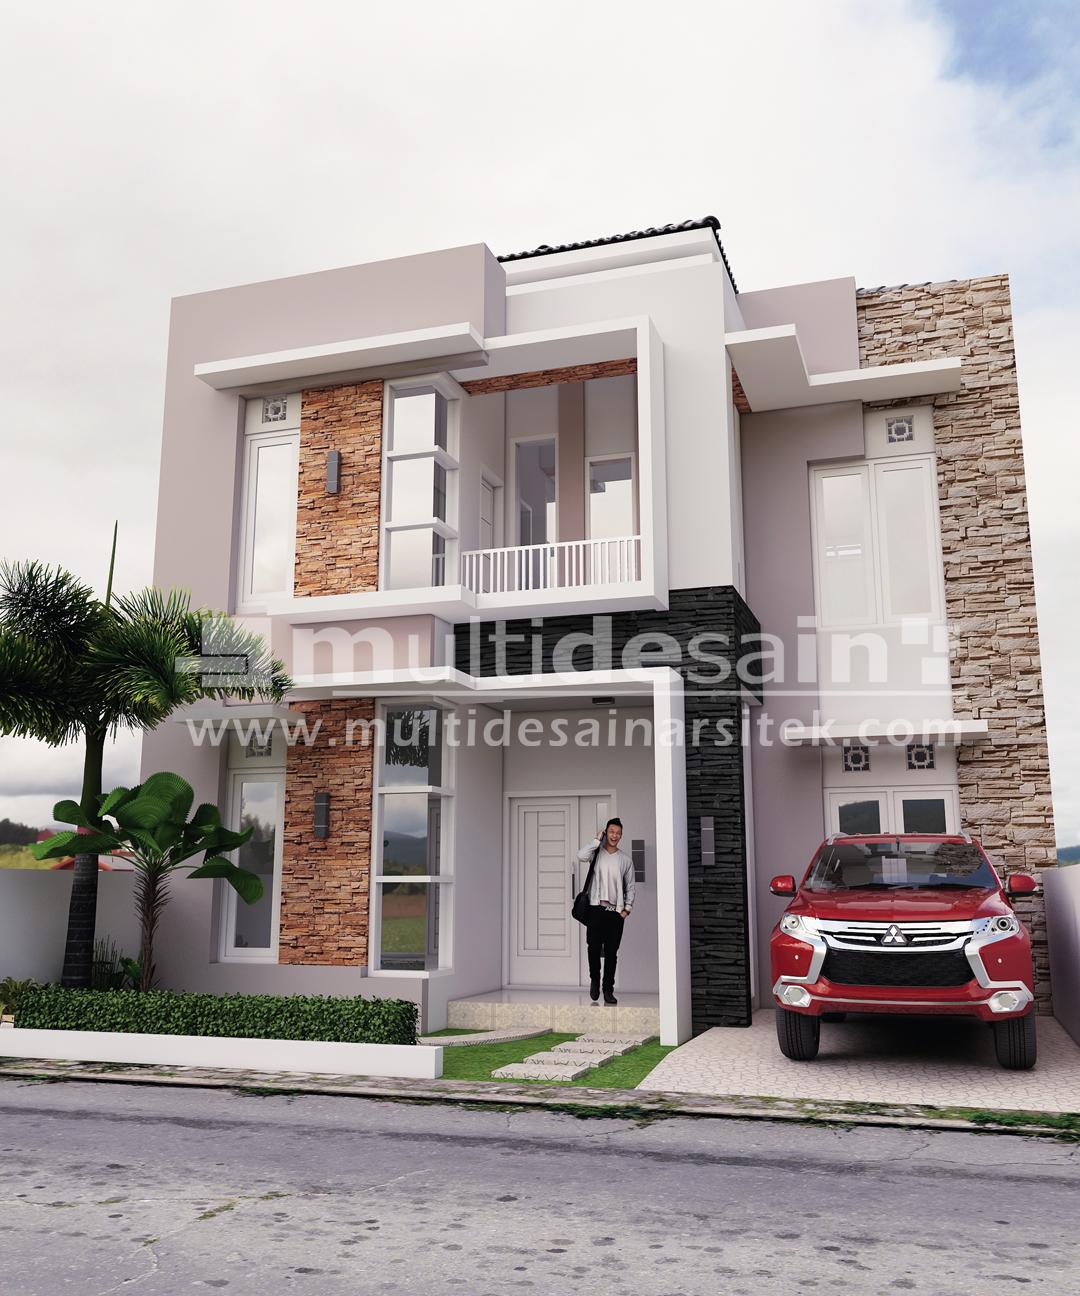 Rumah Minimalis Modern 2 Lantai Bpk Puryadi Multidesain Arsitek